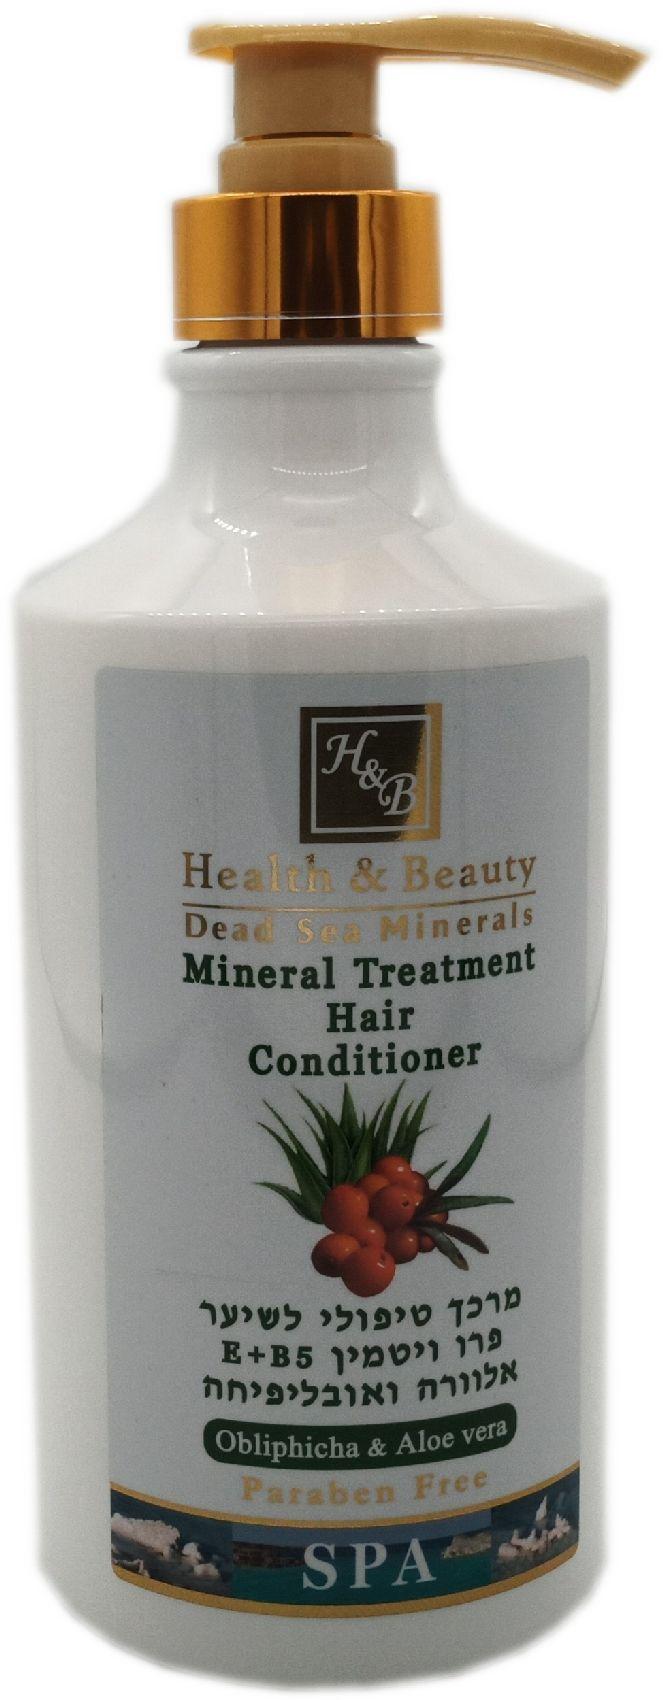 Кондиционер для волос Health & Beauty на основе минералов Мертвого моря с облепихой